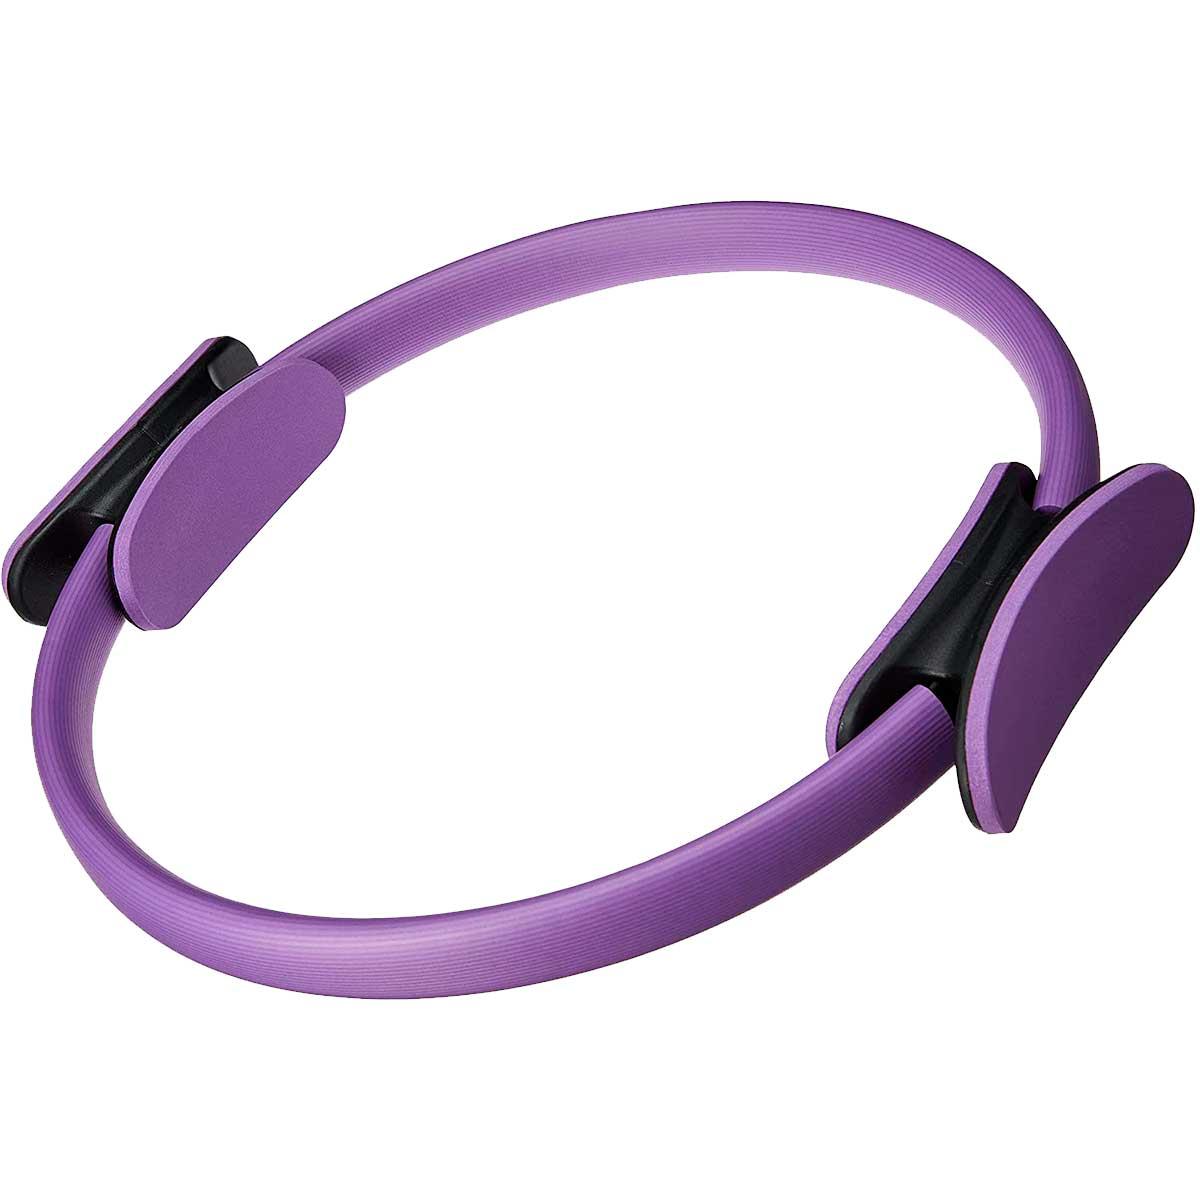 Anel Arco Pilates Yoga Tonificador Flexível Fitness Treino